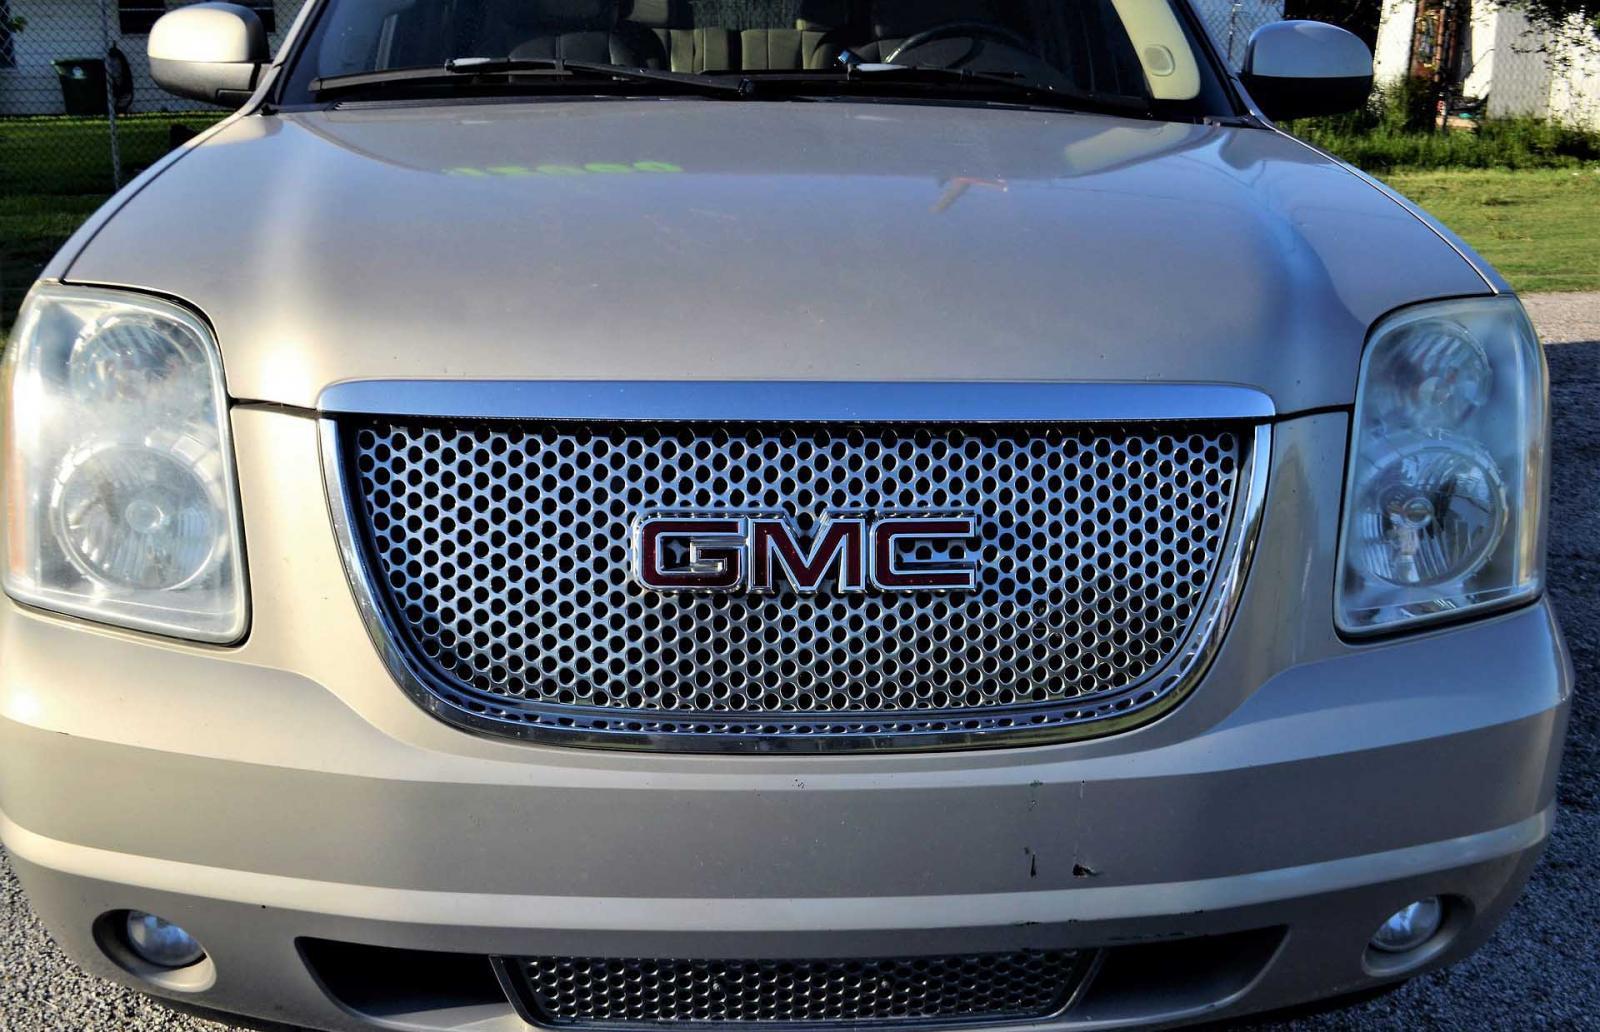 General Motors planea sacar 20 modelos eléctricos